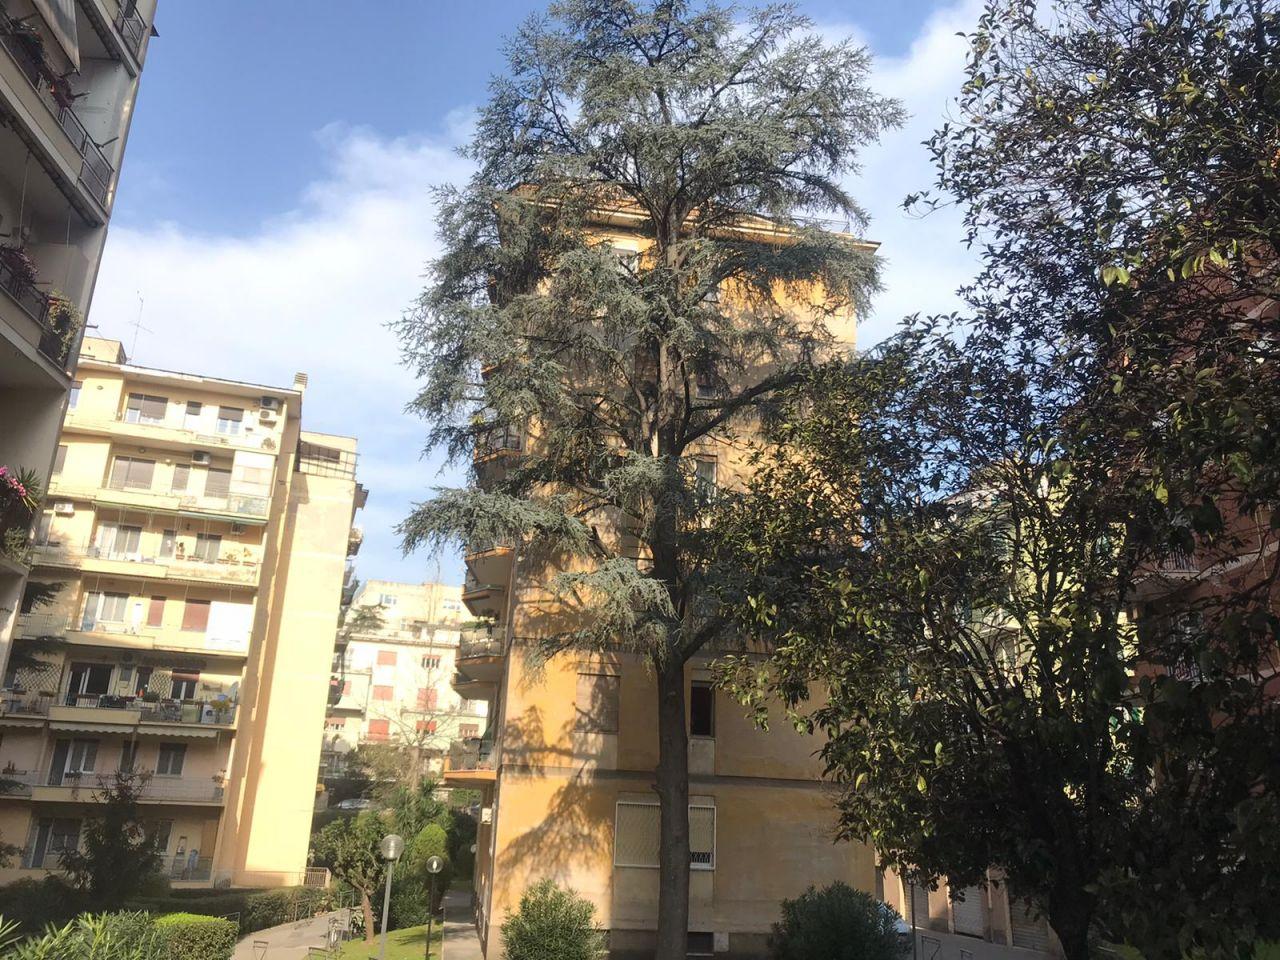 GARBATELLA VIA R. RAIMONDI GARIBALDI